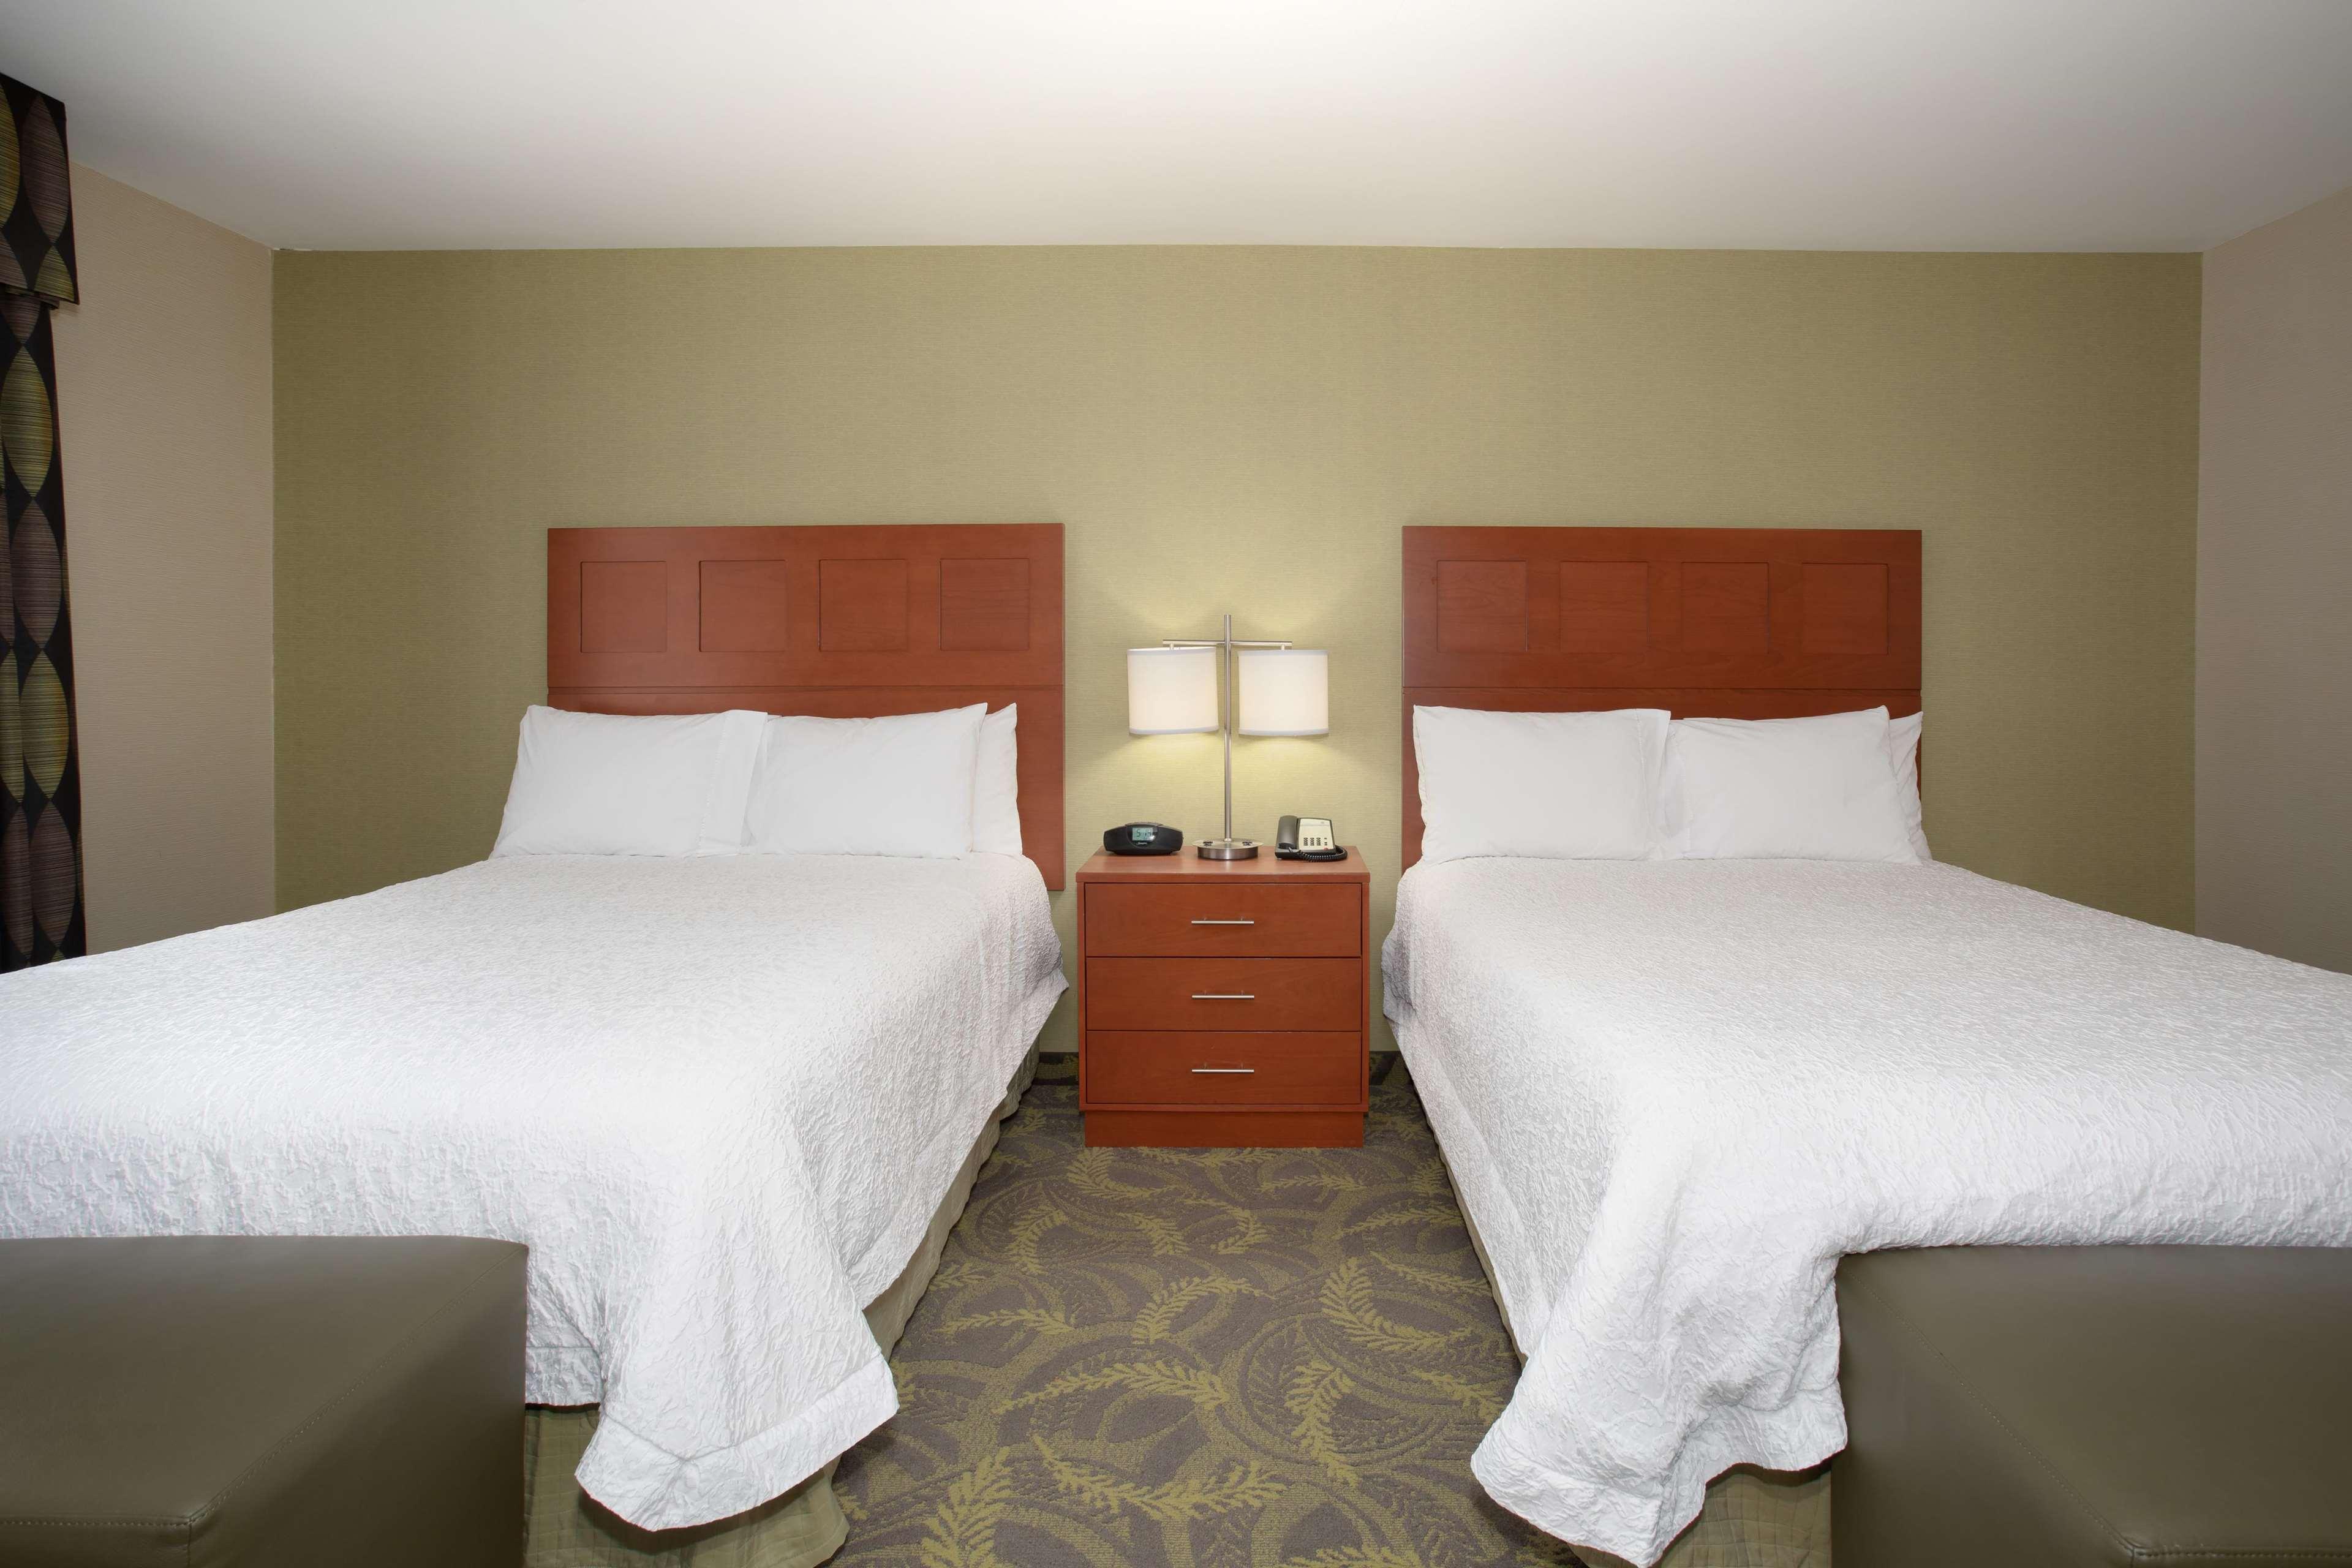 Hampton Inn & Suites Astoria image 66